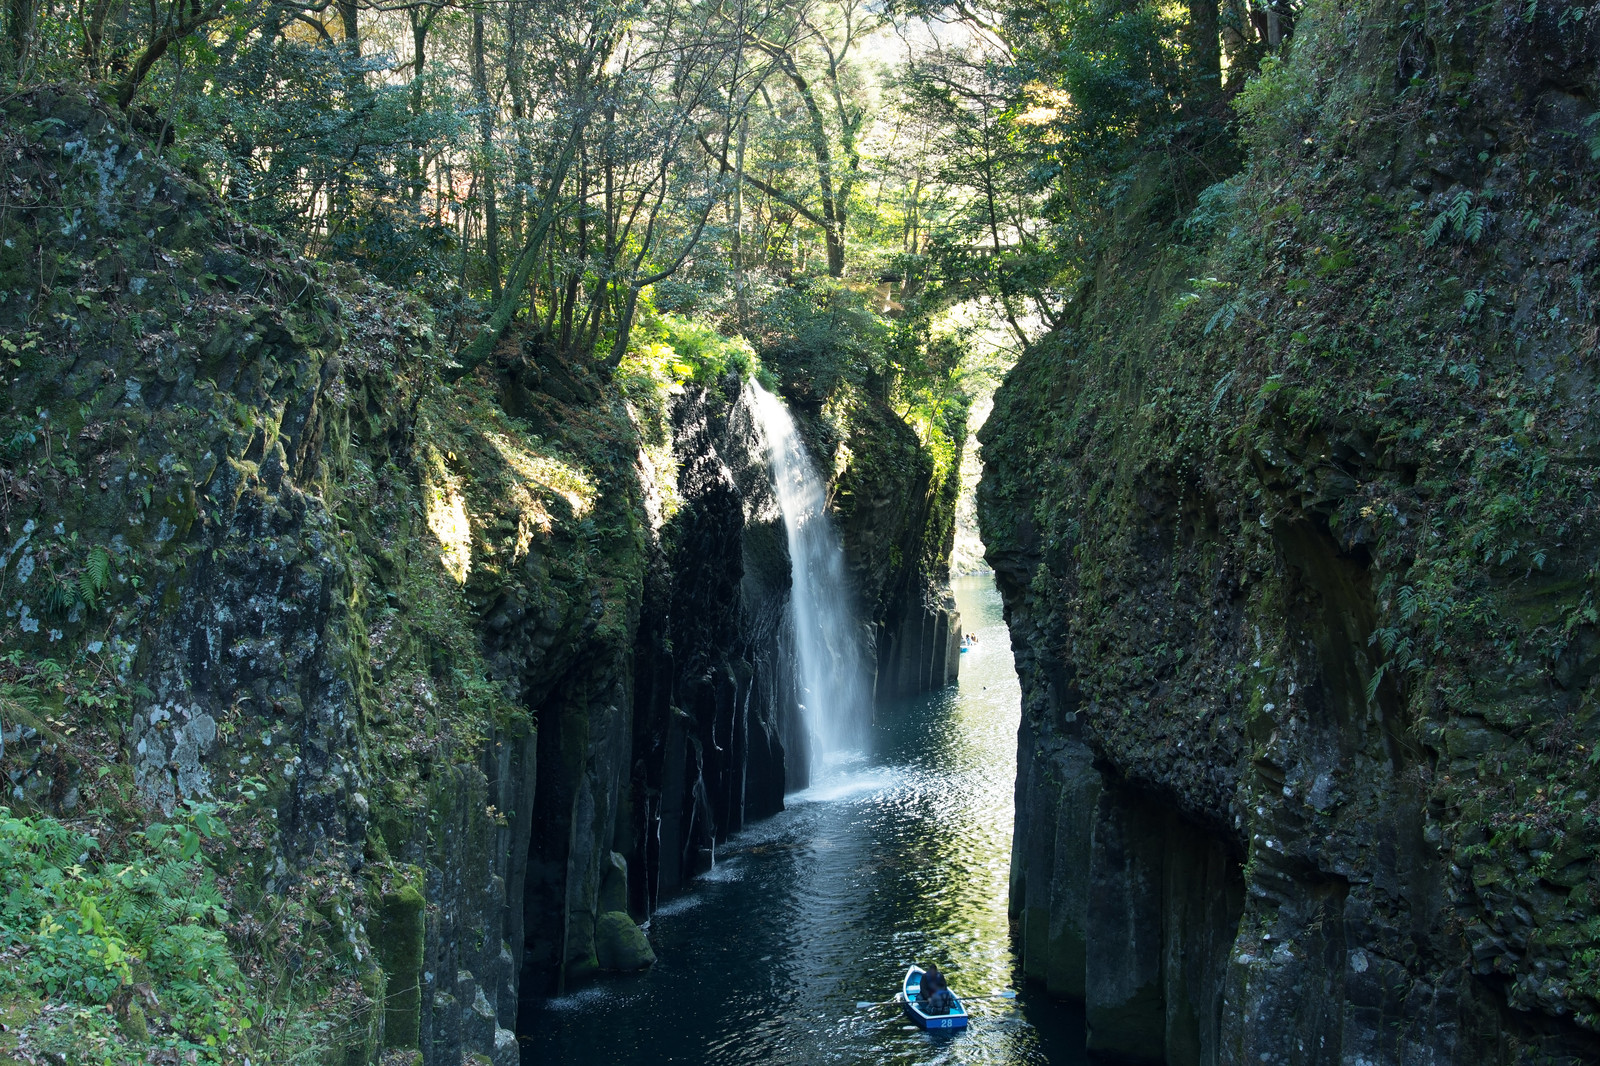 「峡谷の岩肌と真名井の滝(宮崎県高千穂町)」の写真